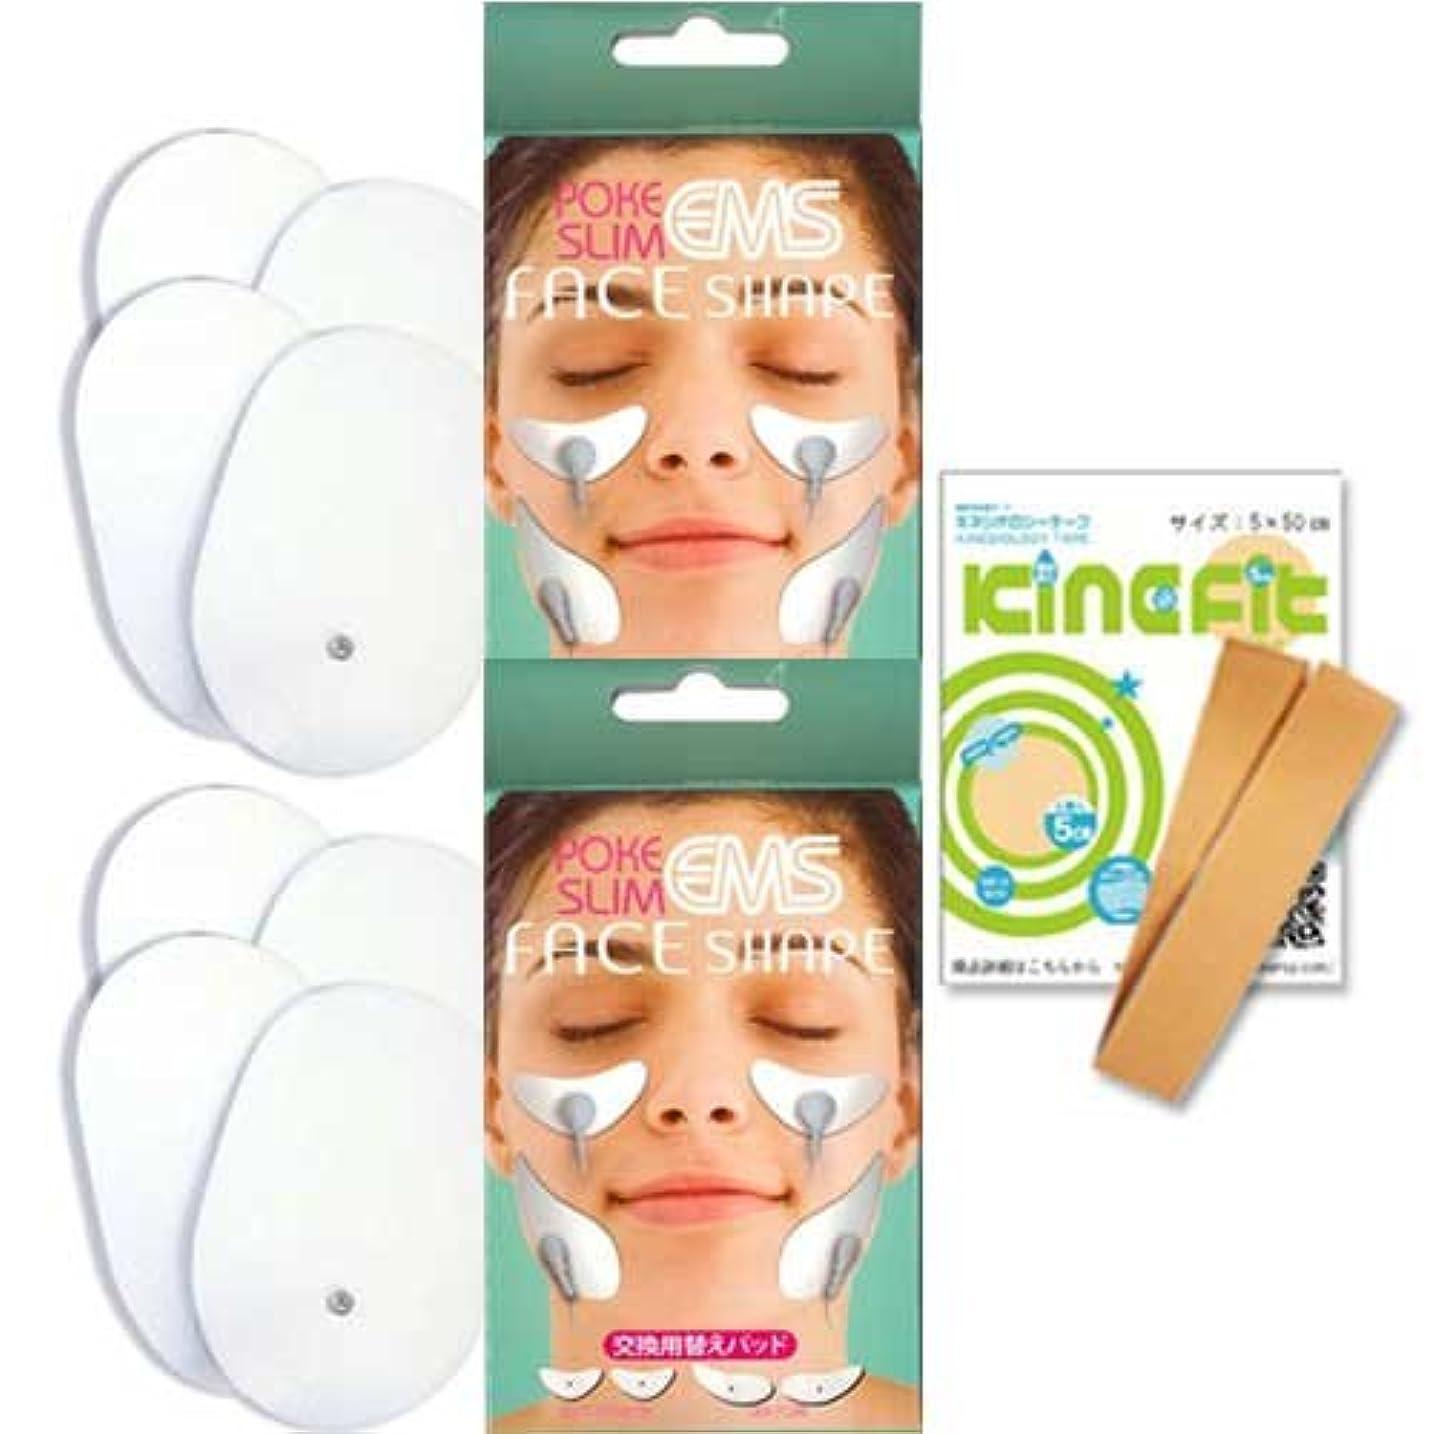 おありがたいロビーポケスリムEMS 交換用替えパッド フェイスシェイプ(4枚入) + ポケスリム (4枚入)「男女兼用?化粧箱なし」ボディ用 セット + お試し用キネシオロジーテープ キネフィット50cm セット